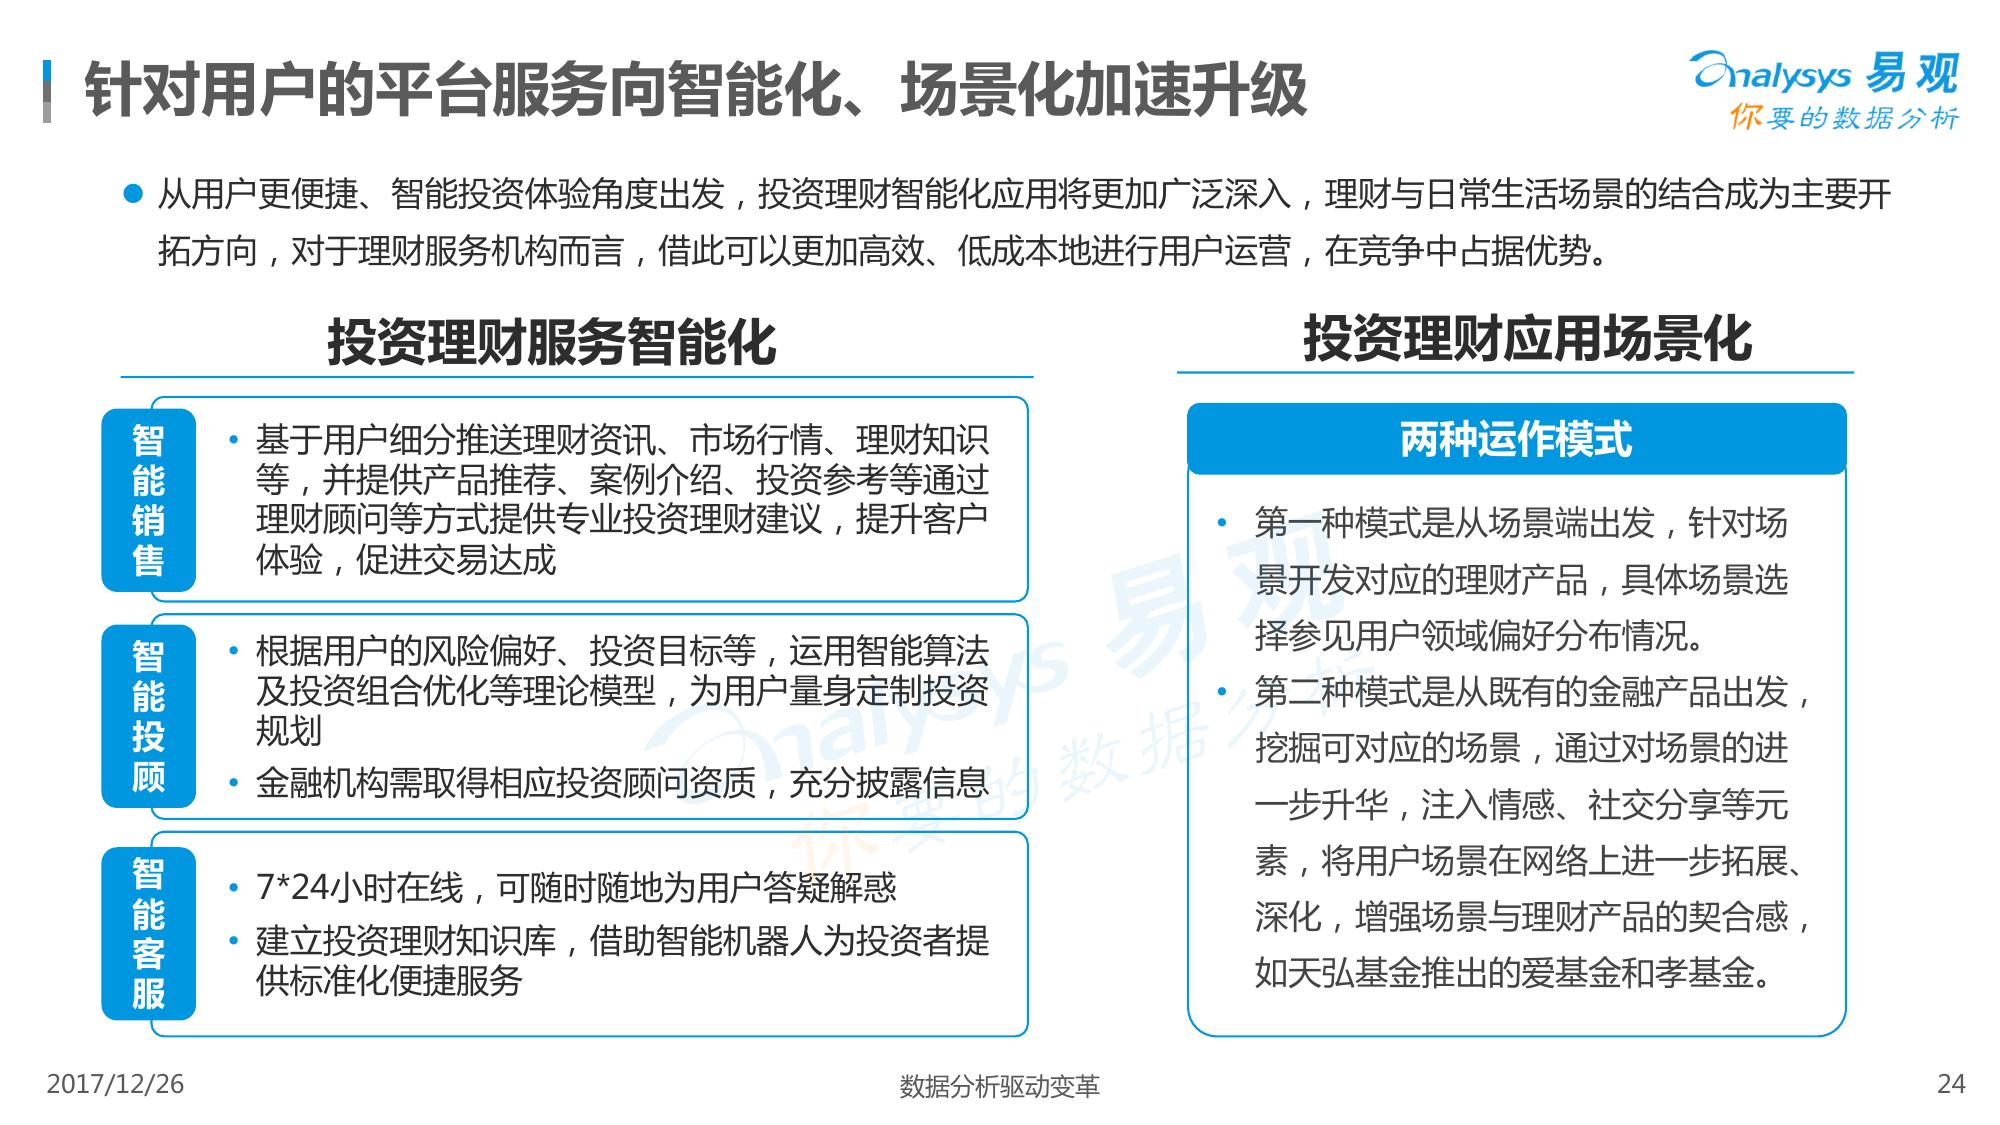 投资公司调查报告 - 豆丁网